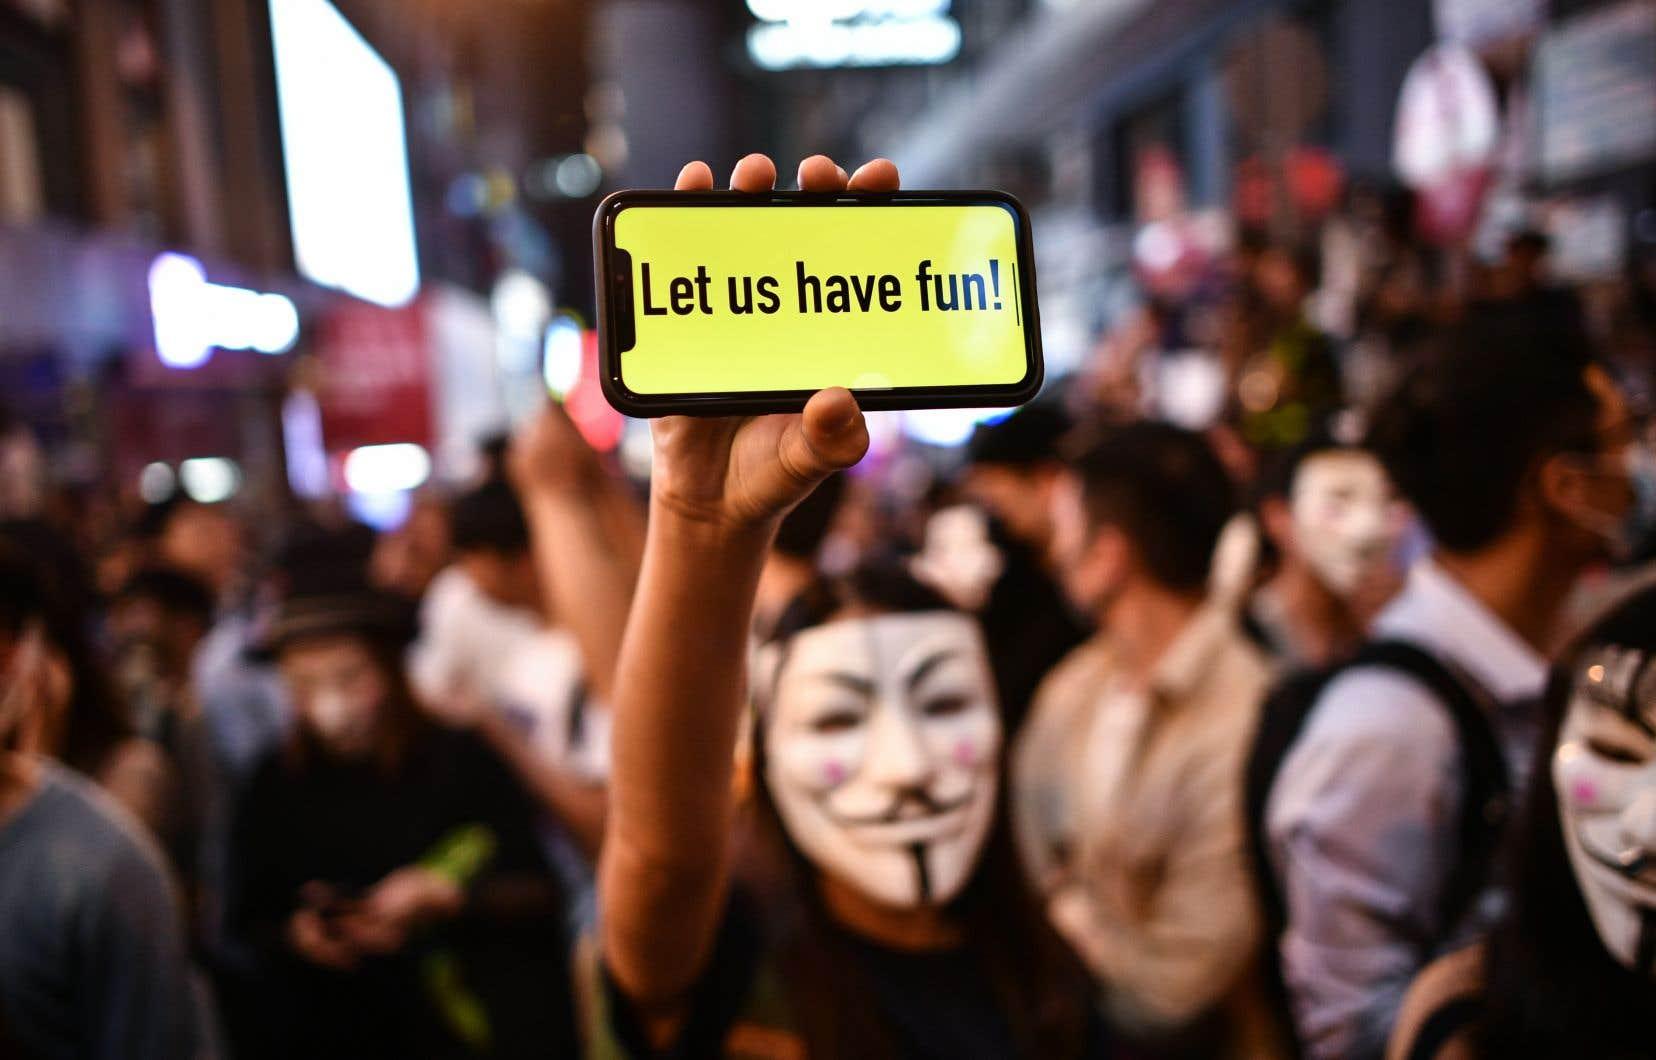 Depuis maintenant cinq mois, les manifestants ont pris l'habitude de défiler le visage masqué, notamment pour ne pas être reconnus et se prémunir de futures poursuites judiciaires.